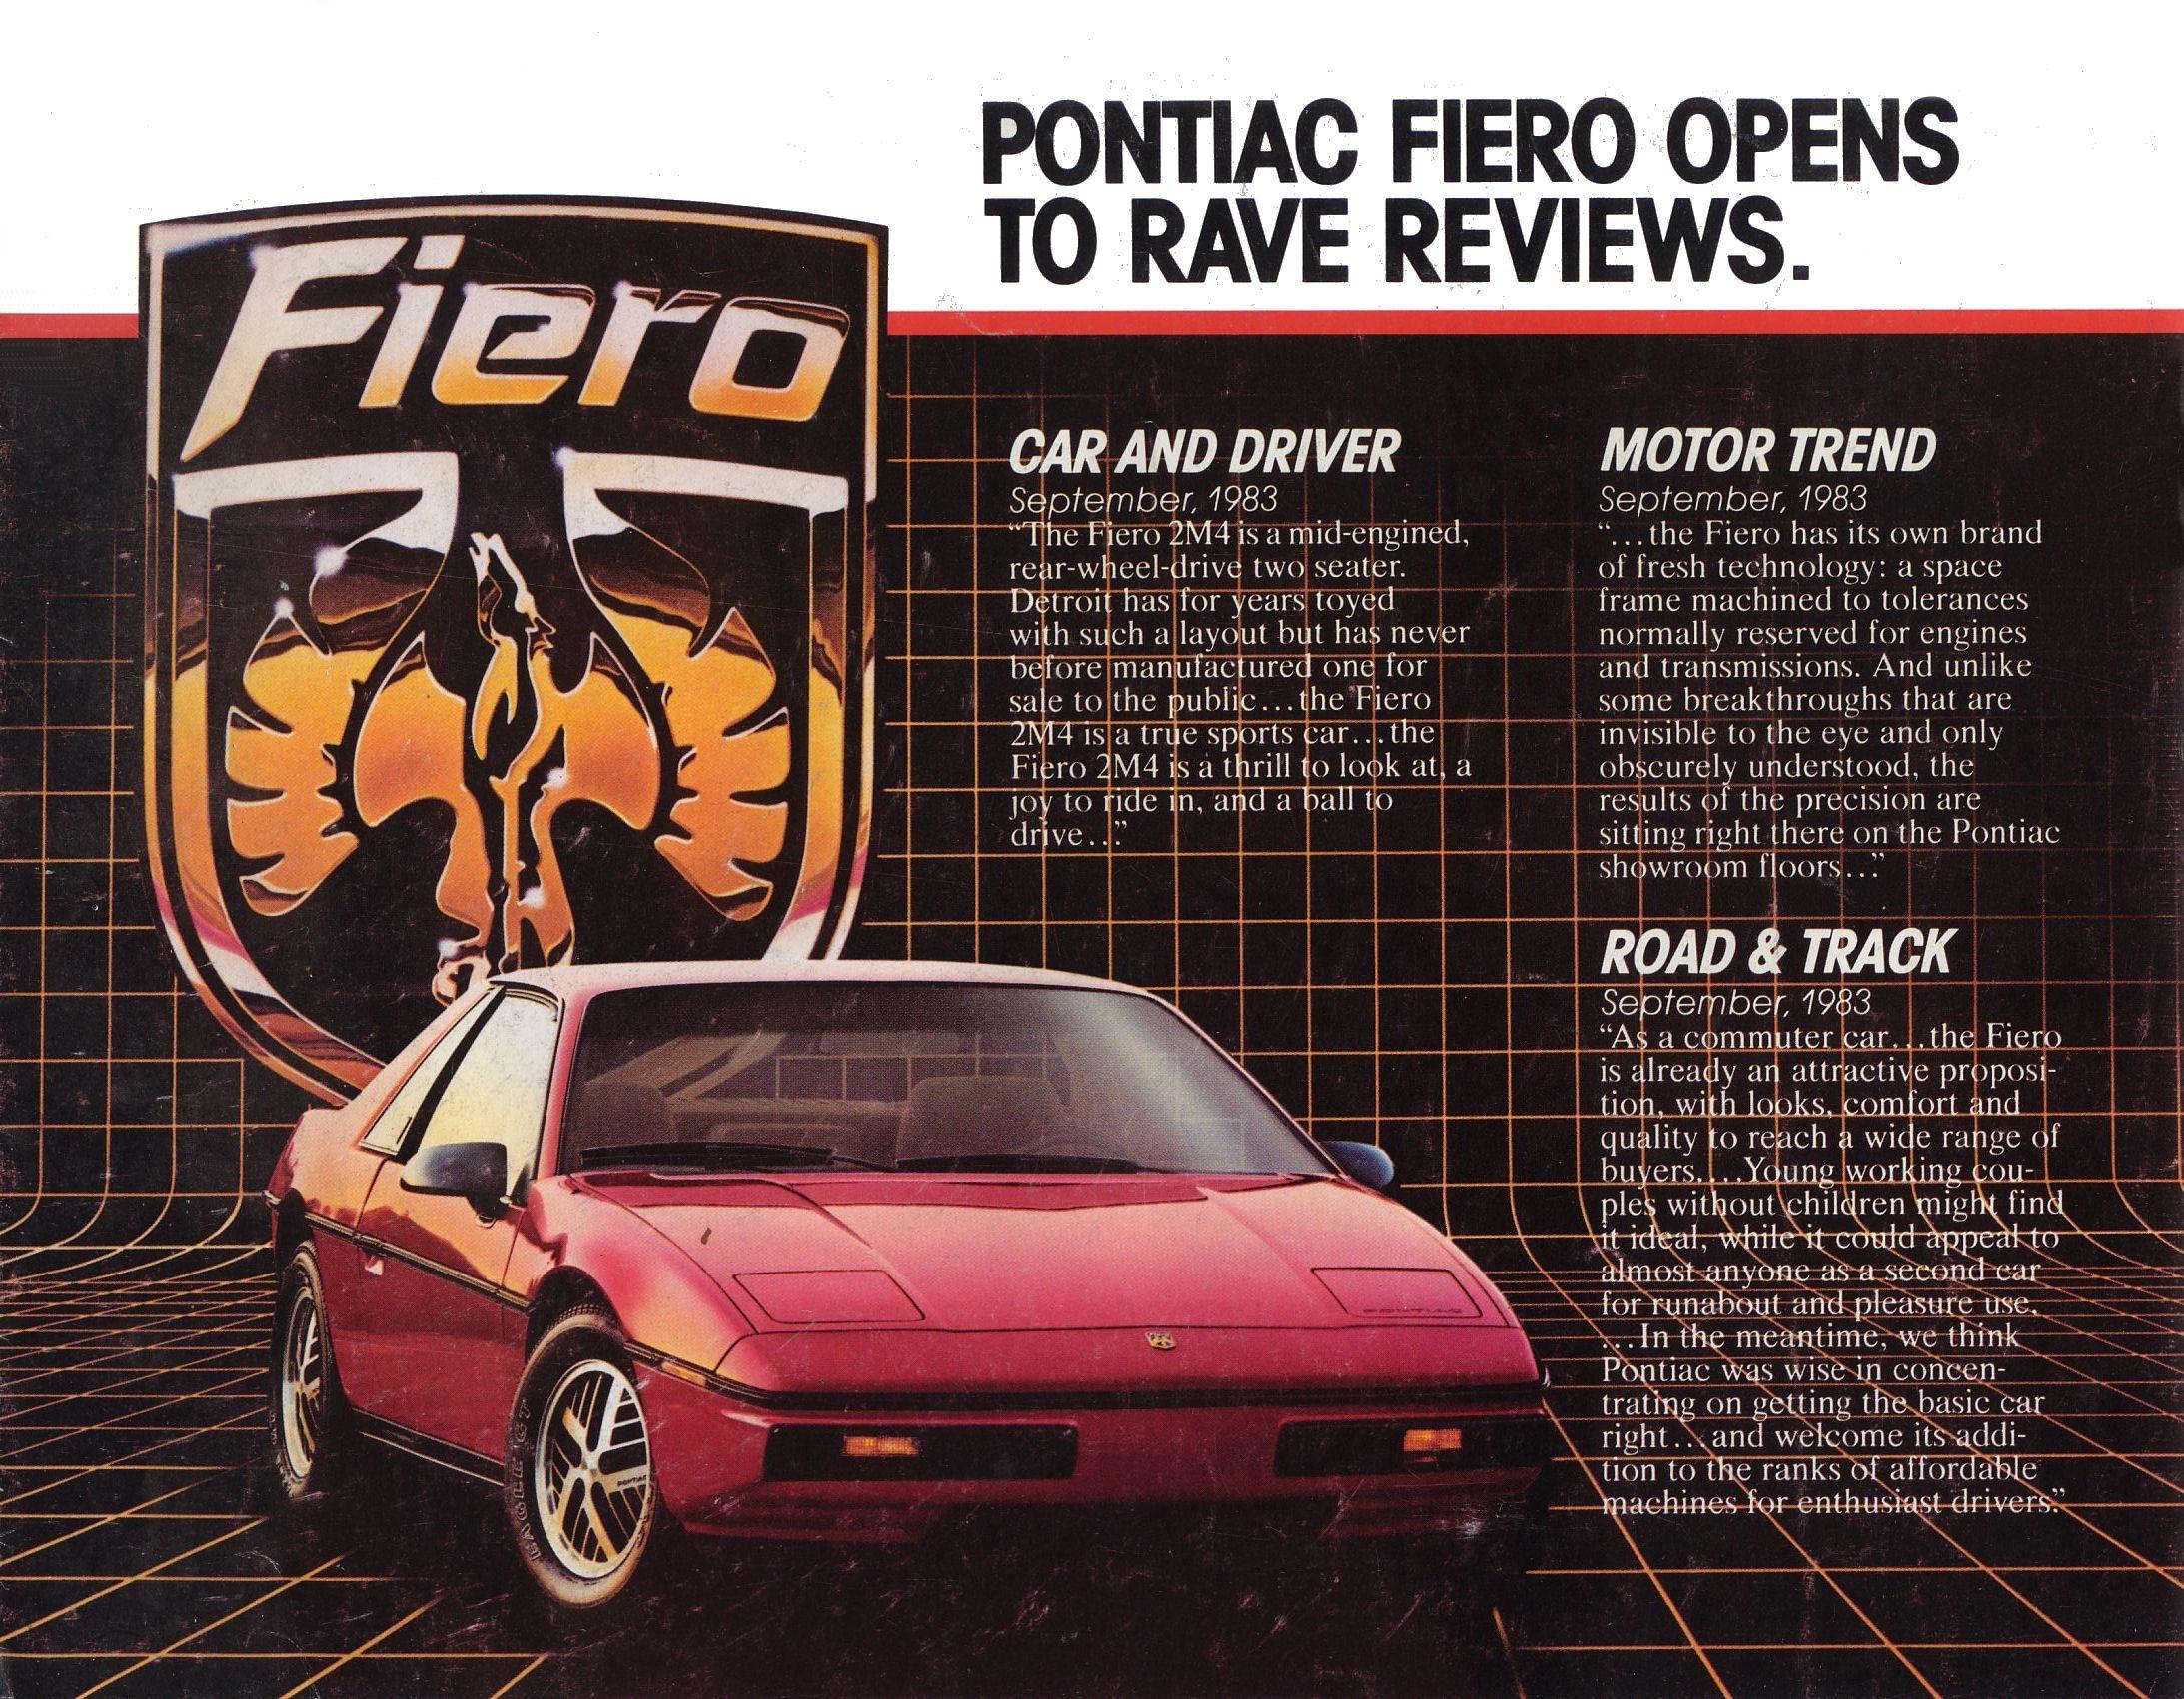 1984-pontiac-fiero-4-1.jpg